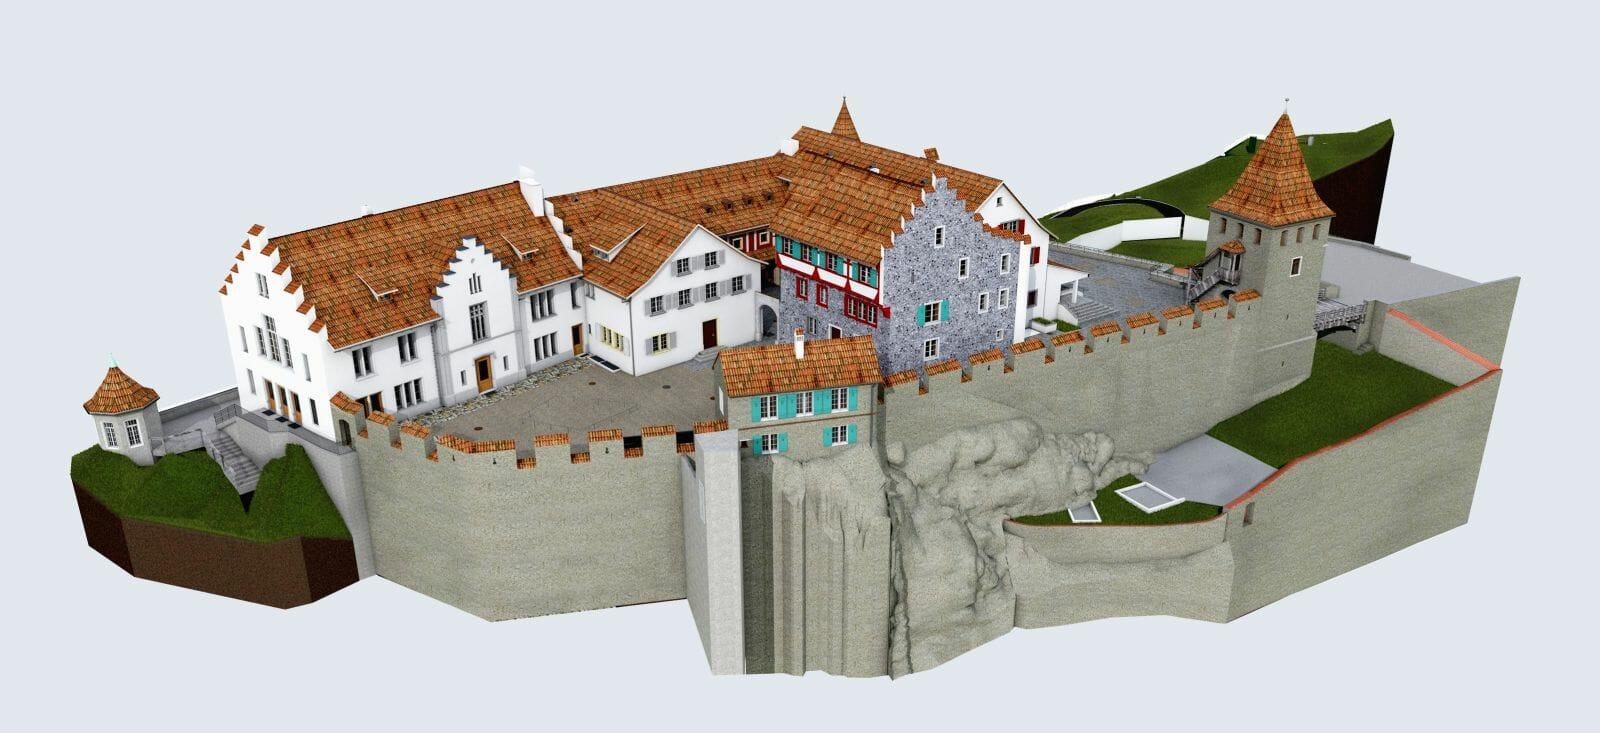 Punktwolken zu CAD, Punktwolken zu BIM, 3d Laserscanning, Schloss Laufen - Point cloud zu CAD